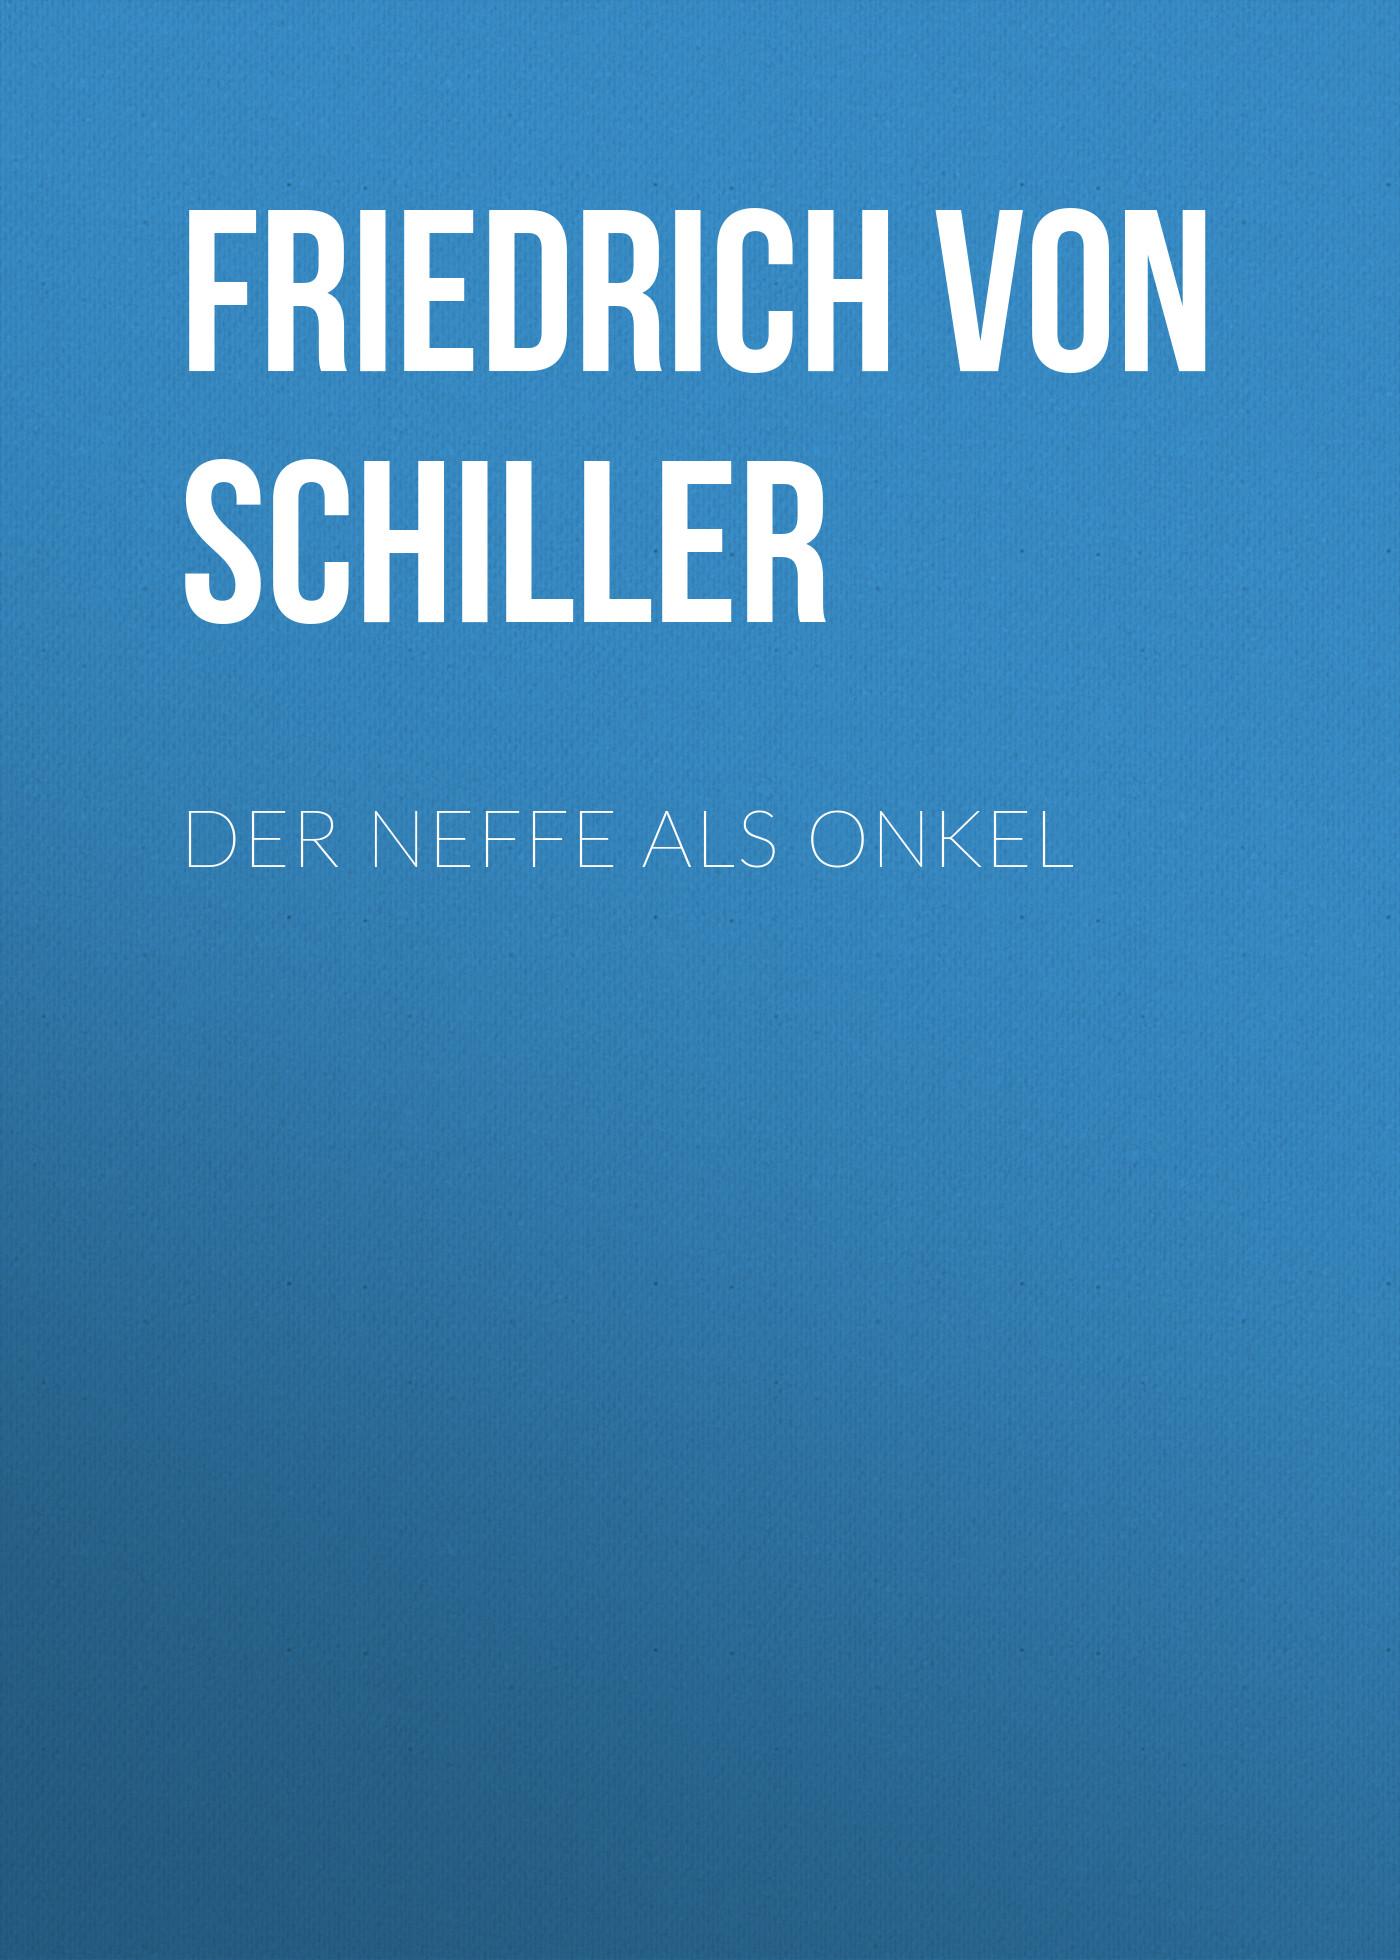 Friedrich von Schiller Der Neffe als Onkel le vele 1 5 сп gullu 7722